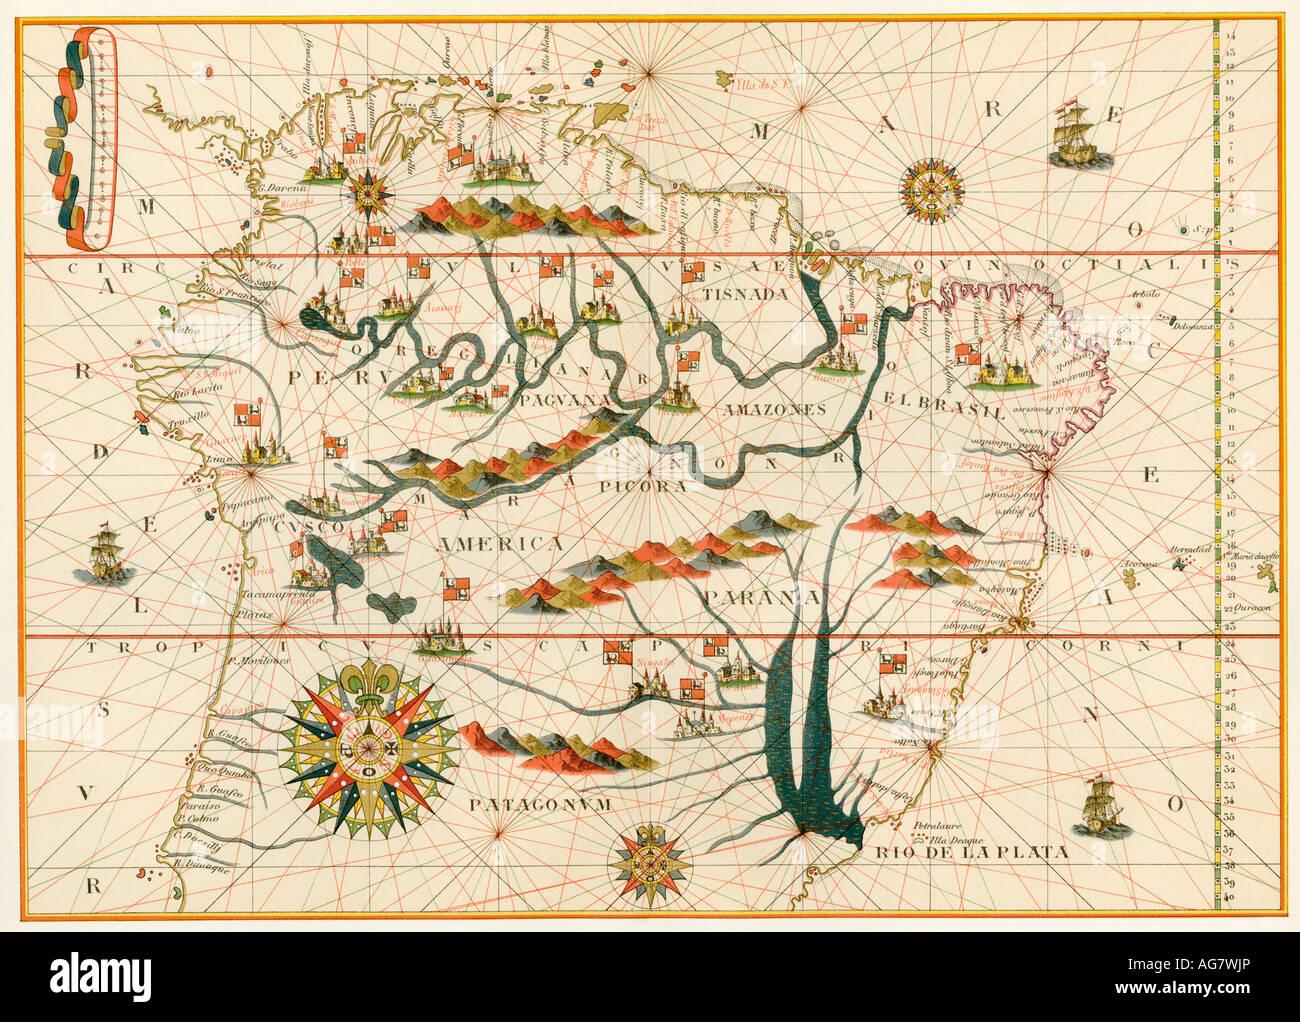 La carte d'Amérique de l'atlas espagnol exécuté à Messine par Joan Martines 1582. Lithographie Photo Stock